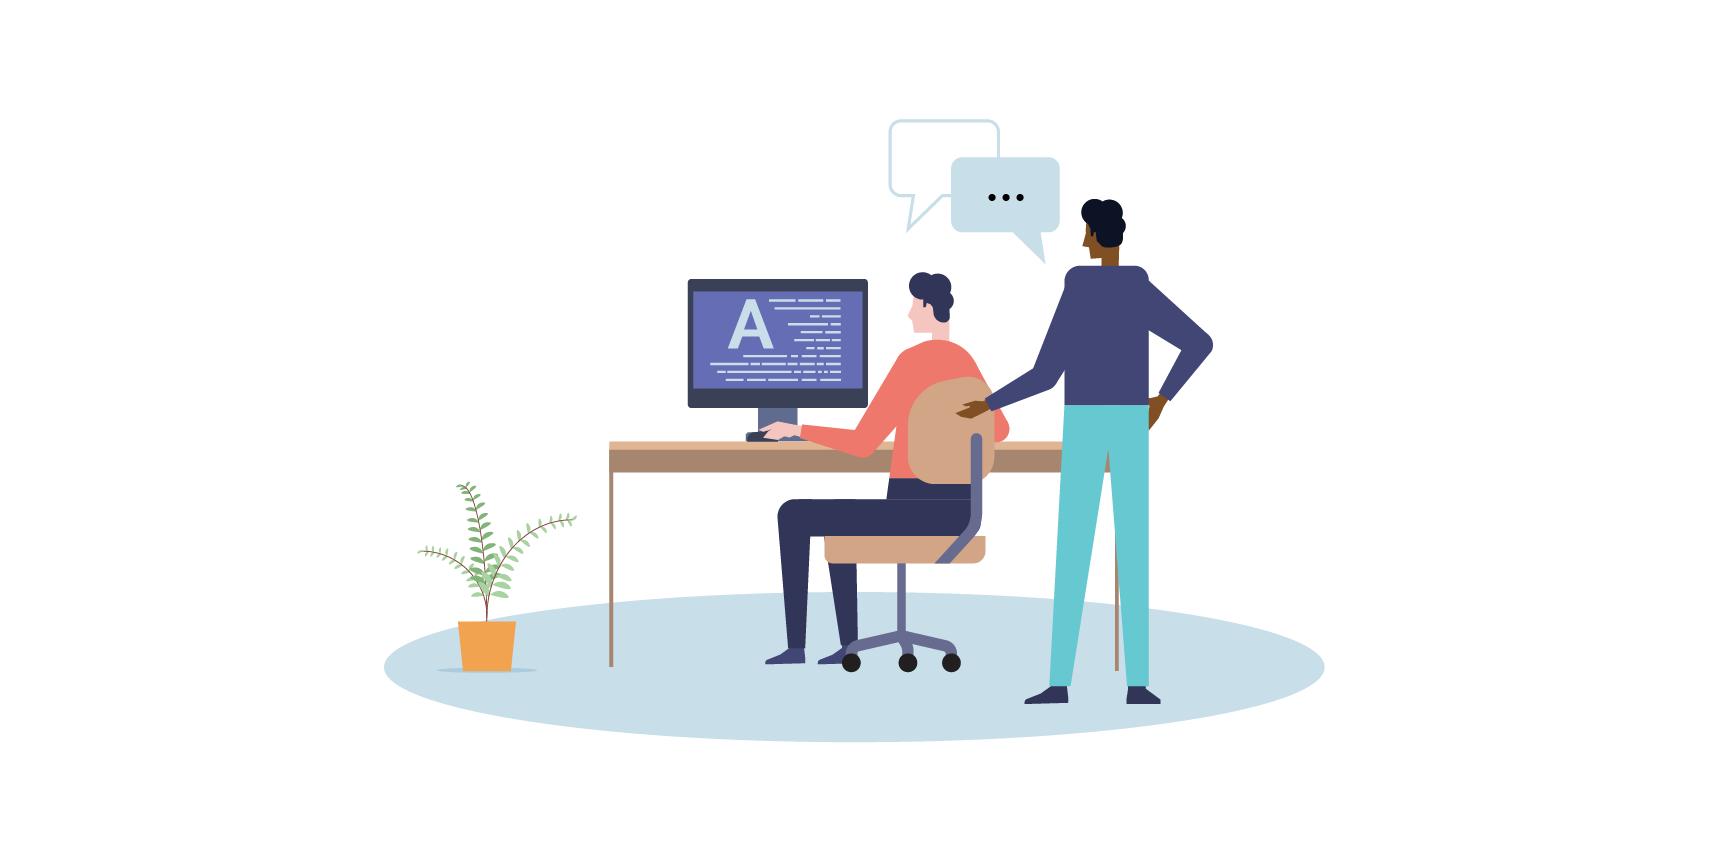 illustration de deux hommes qui relisent un texte devant un écran d'ordinateur